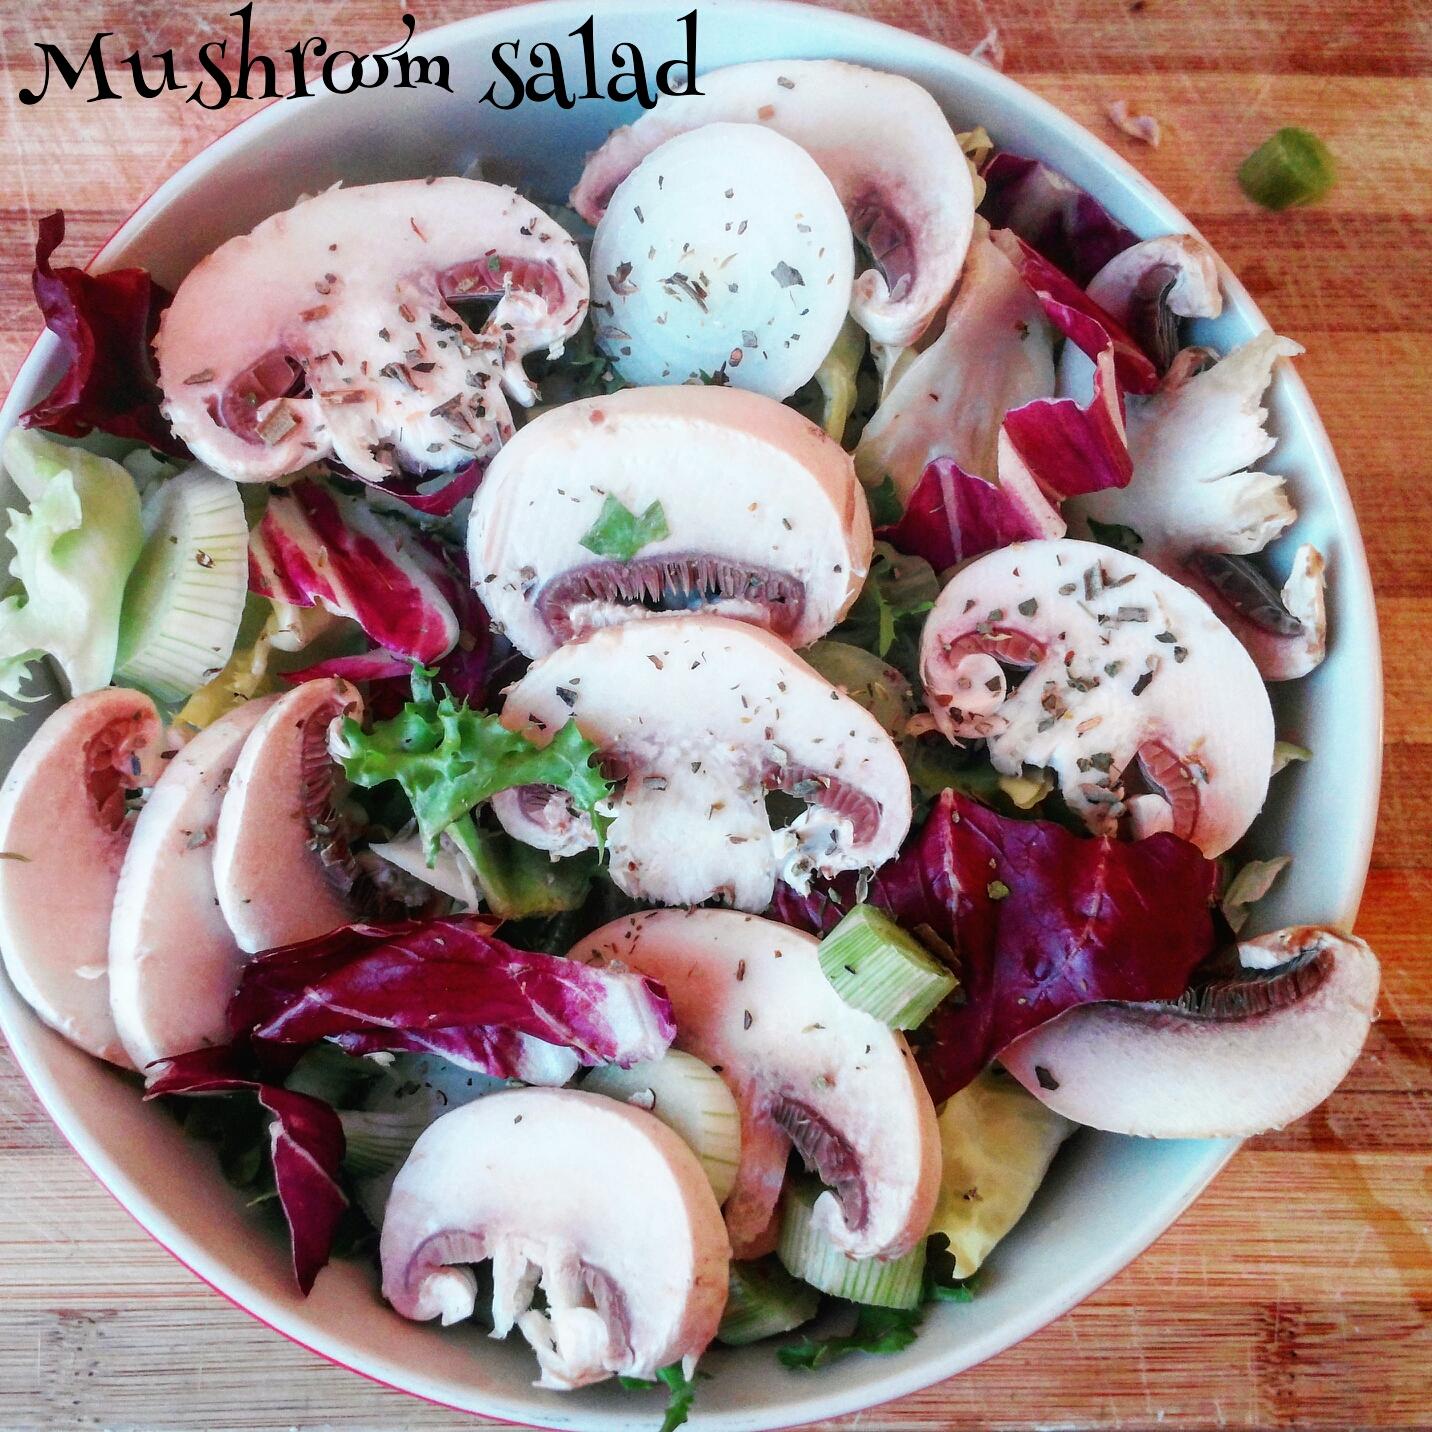 Insalata fresca ai funghi champignon